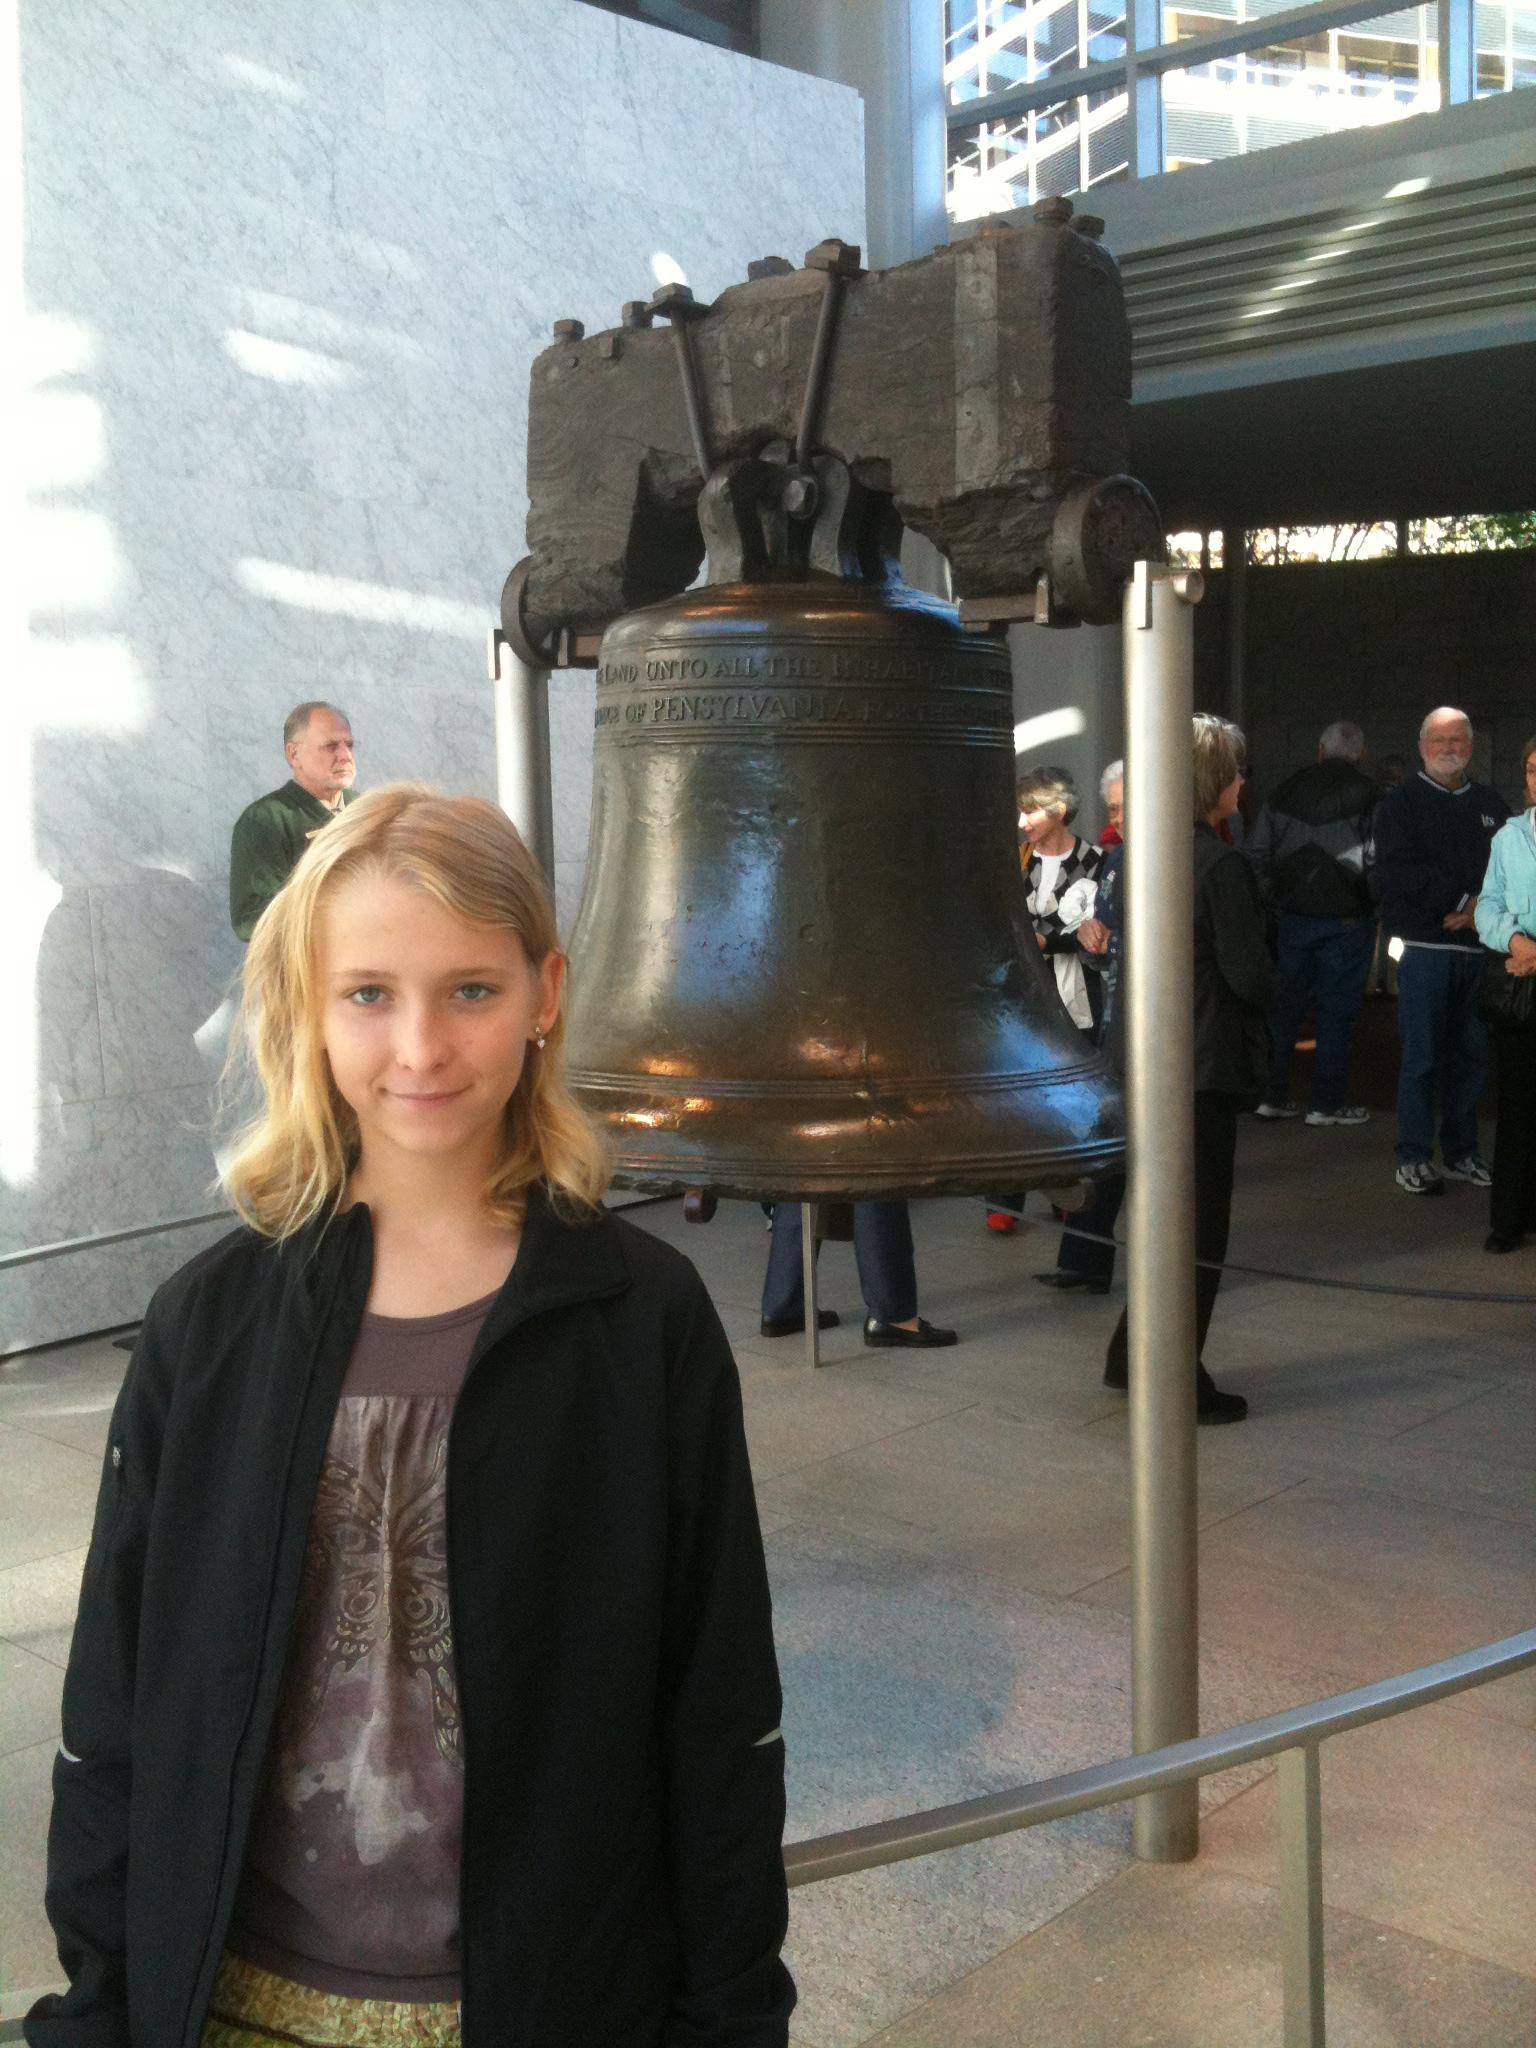 Caption: Hannah Visits the Liberty Bell , Credit: Hannah Providence